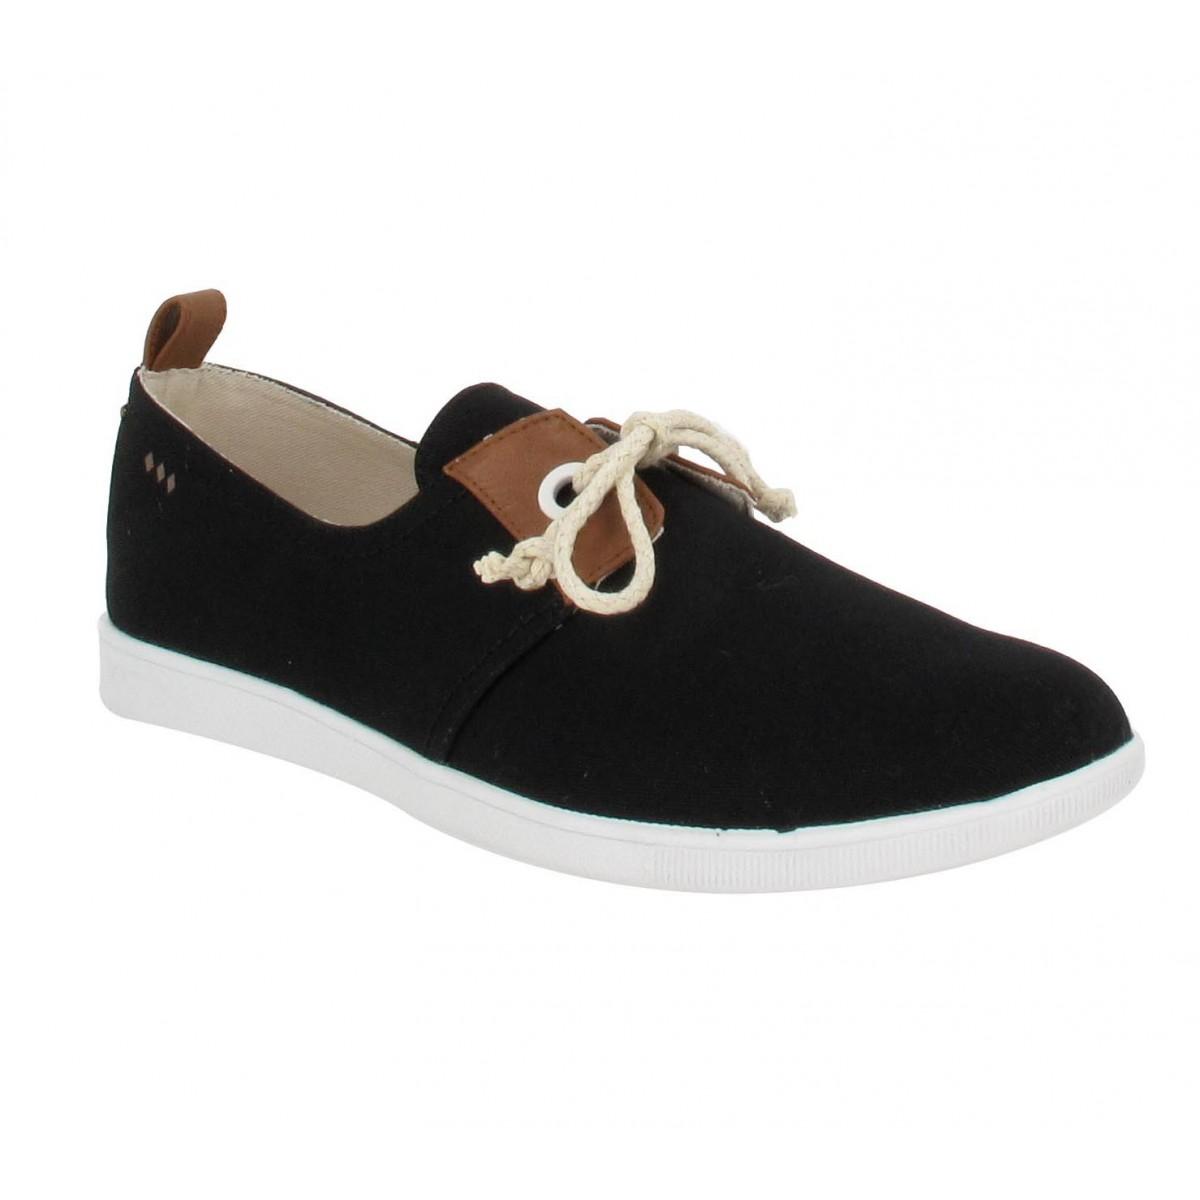 Chaussures En Toile Armistice Stone One Noir CXQ-Bottes QIN&X Talon Bas Femmes Télévision Longues Bottes gris  33 Chaussures automne rouges femme marron ZMOew6YM